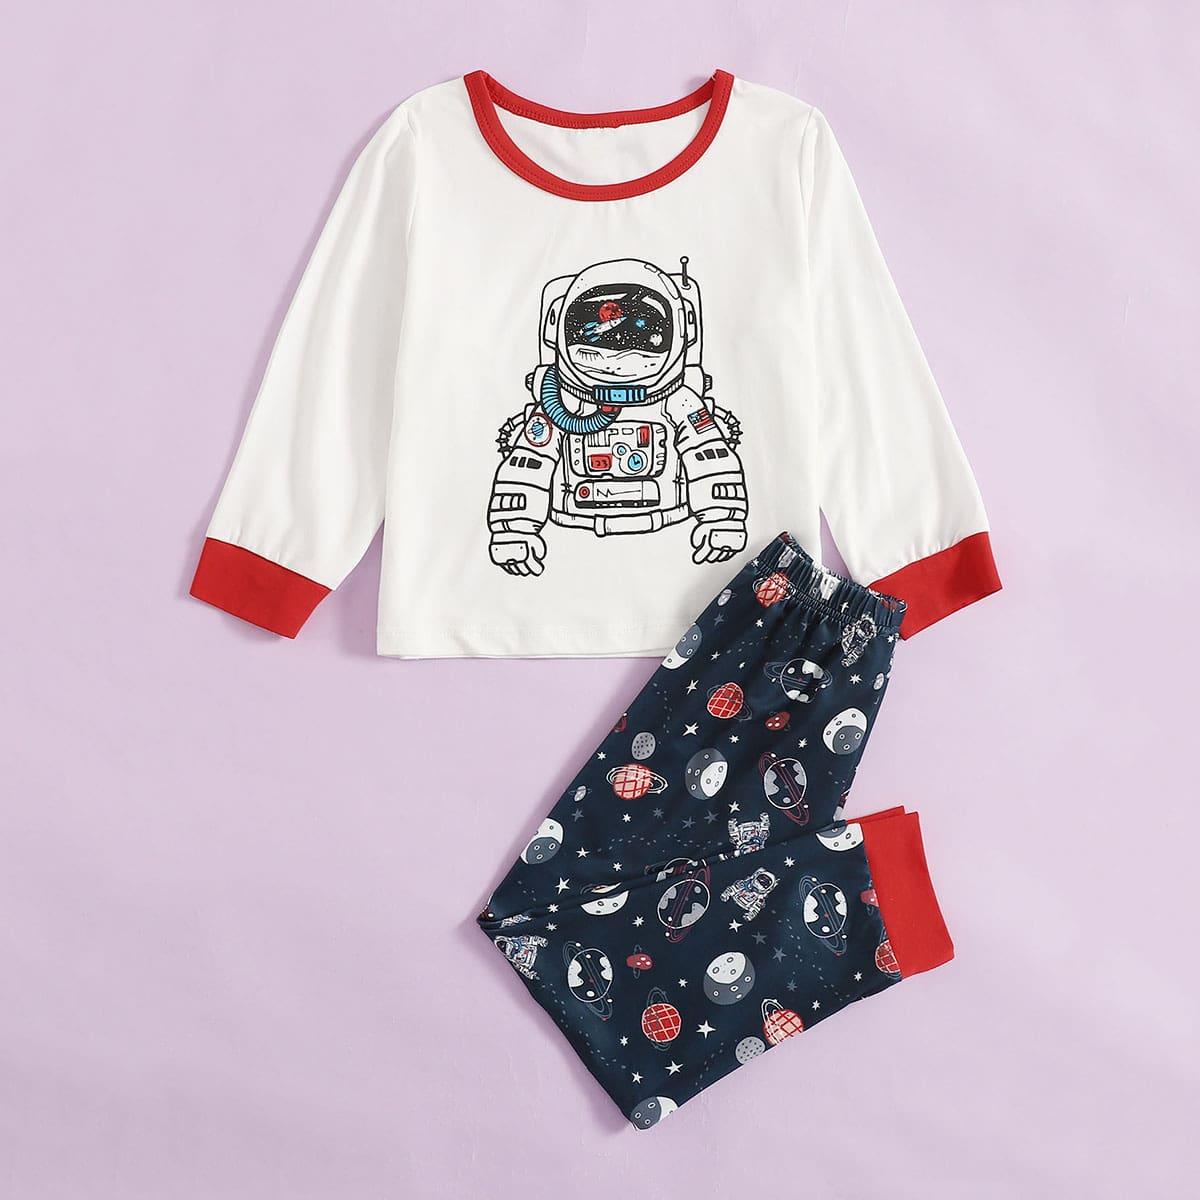 Контрастная отделка мультяшный принт повседневный домашняя одежда для мальчиков